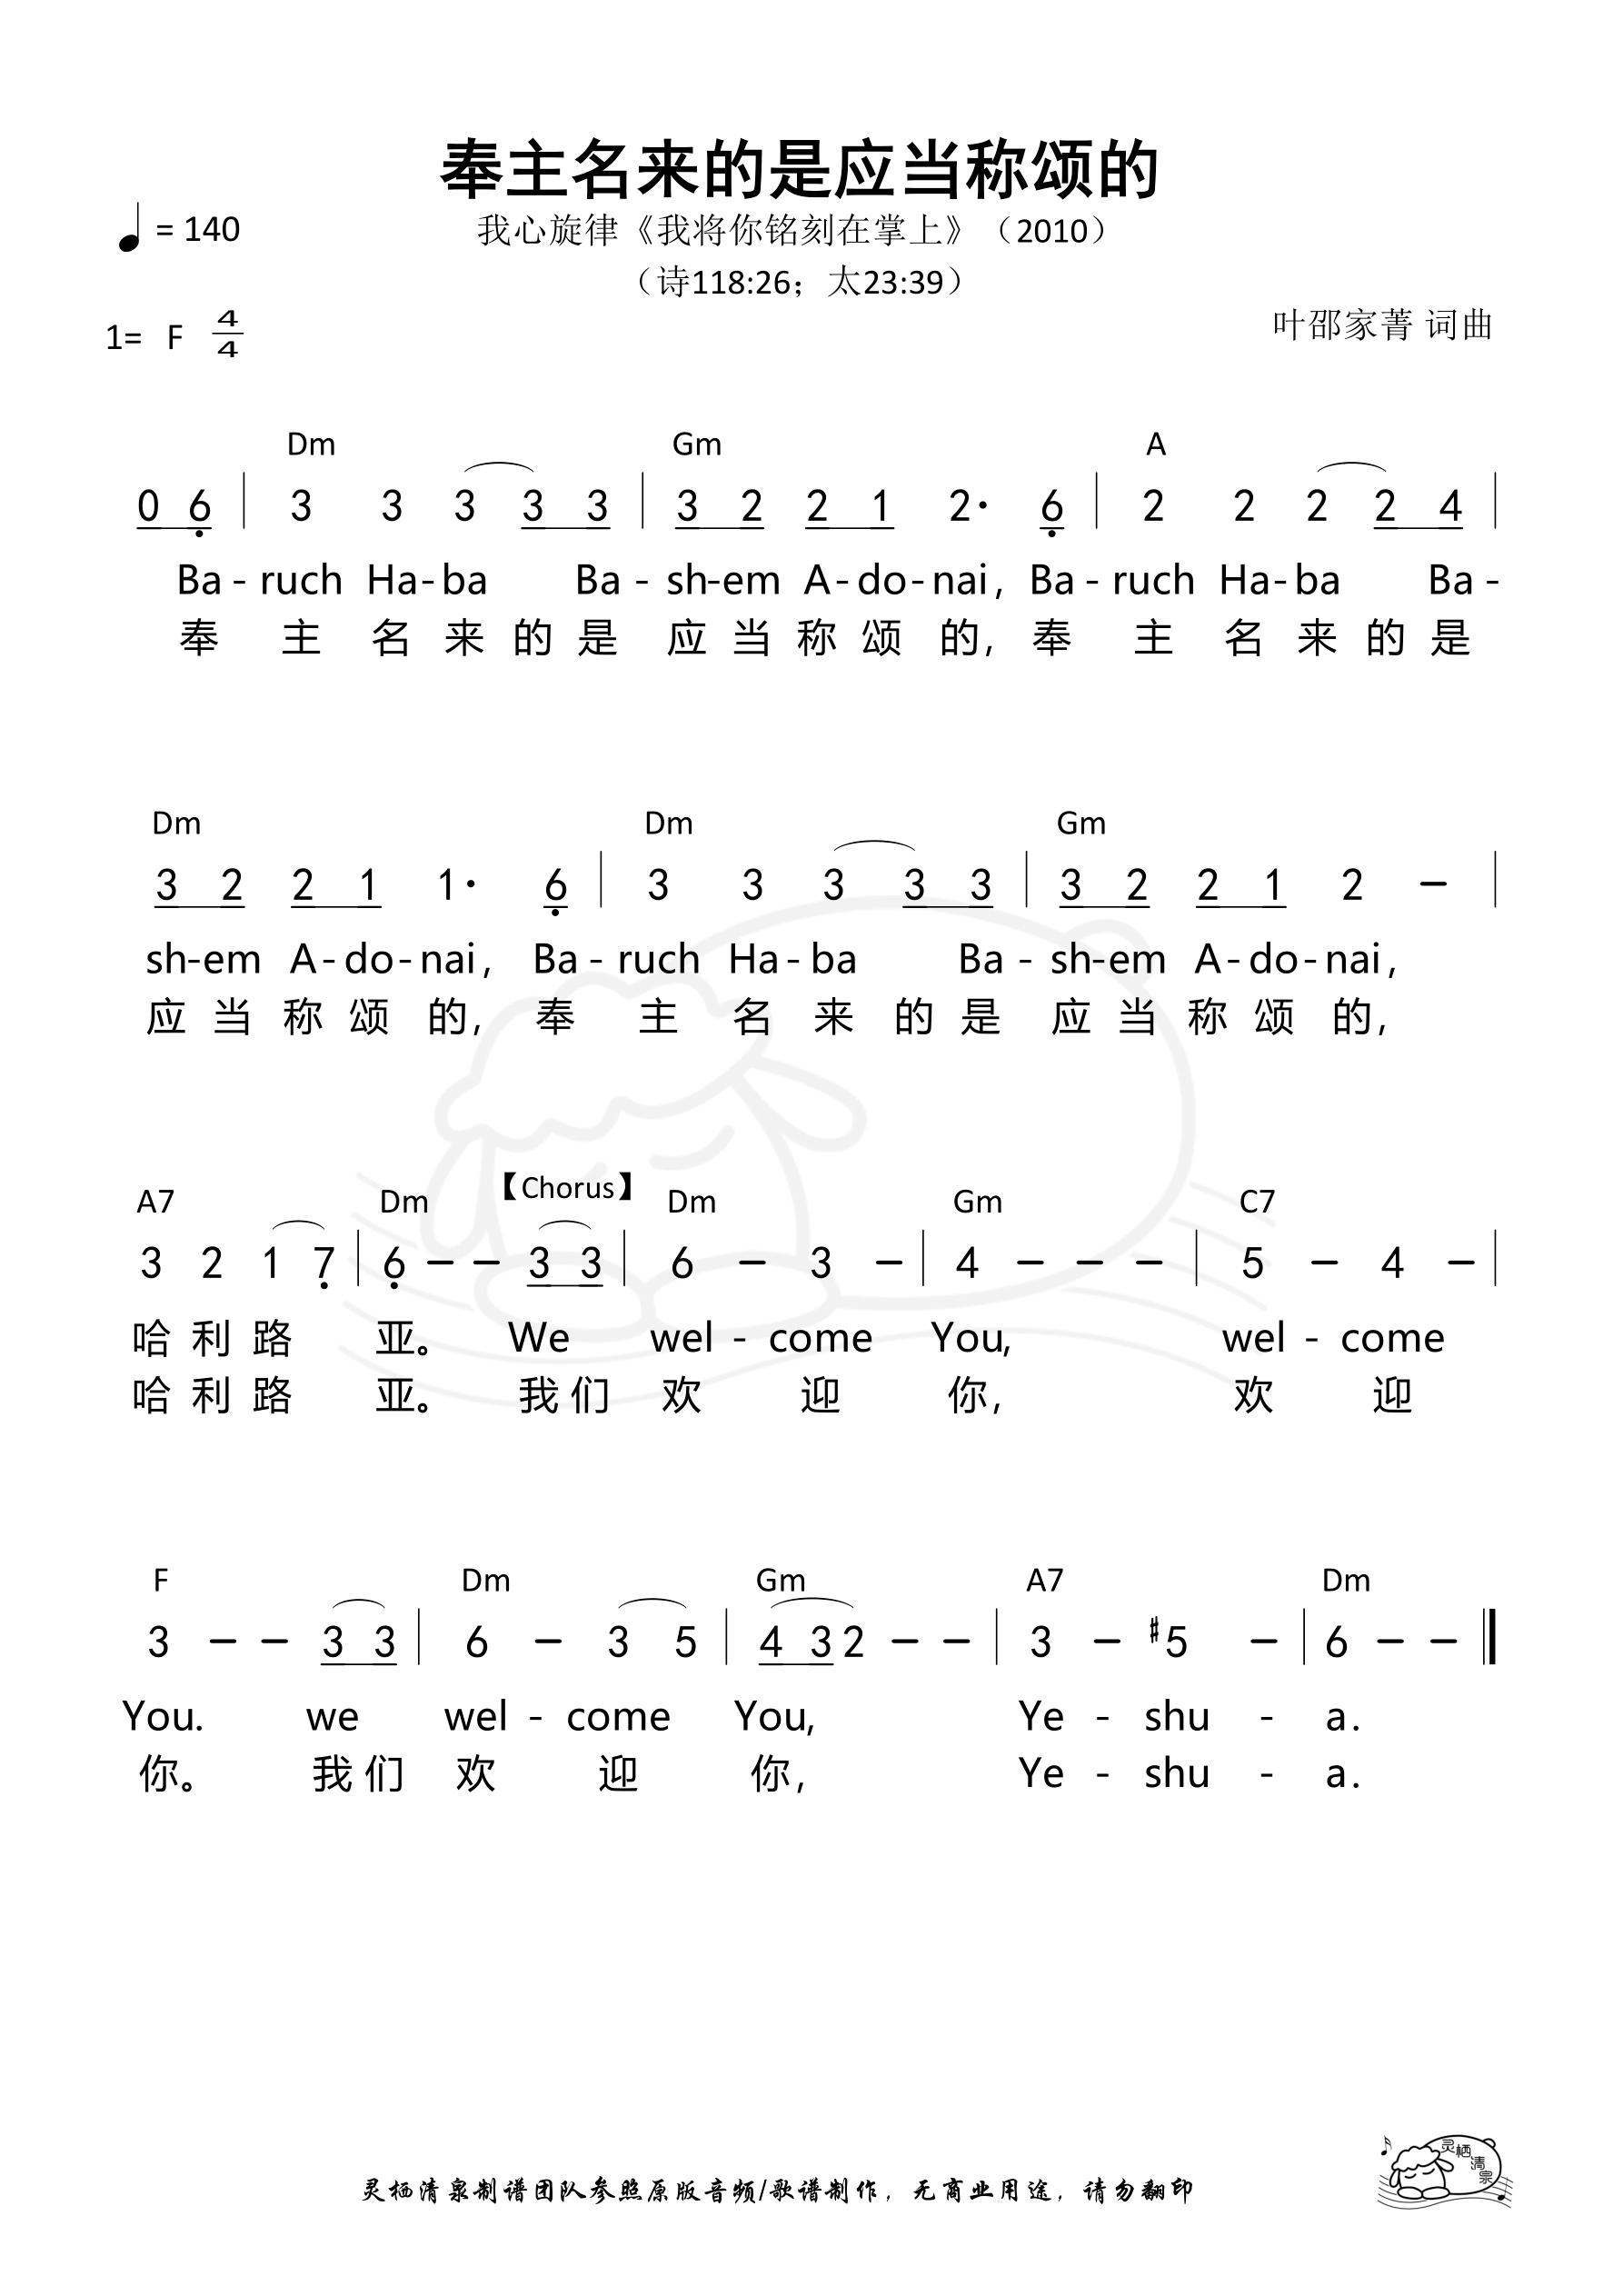 《第633首 - 奉主名来的是应当称颂的 和弦简谱》